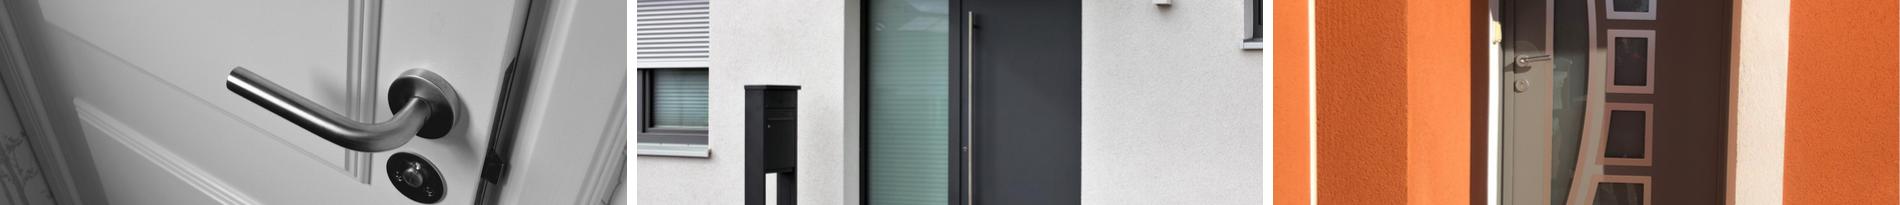 Menuiseries professionnelles aluminium porte d'entrée Sud Alu - Six Fours - Bandol